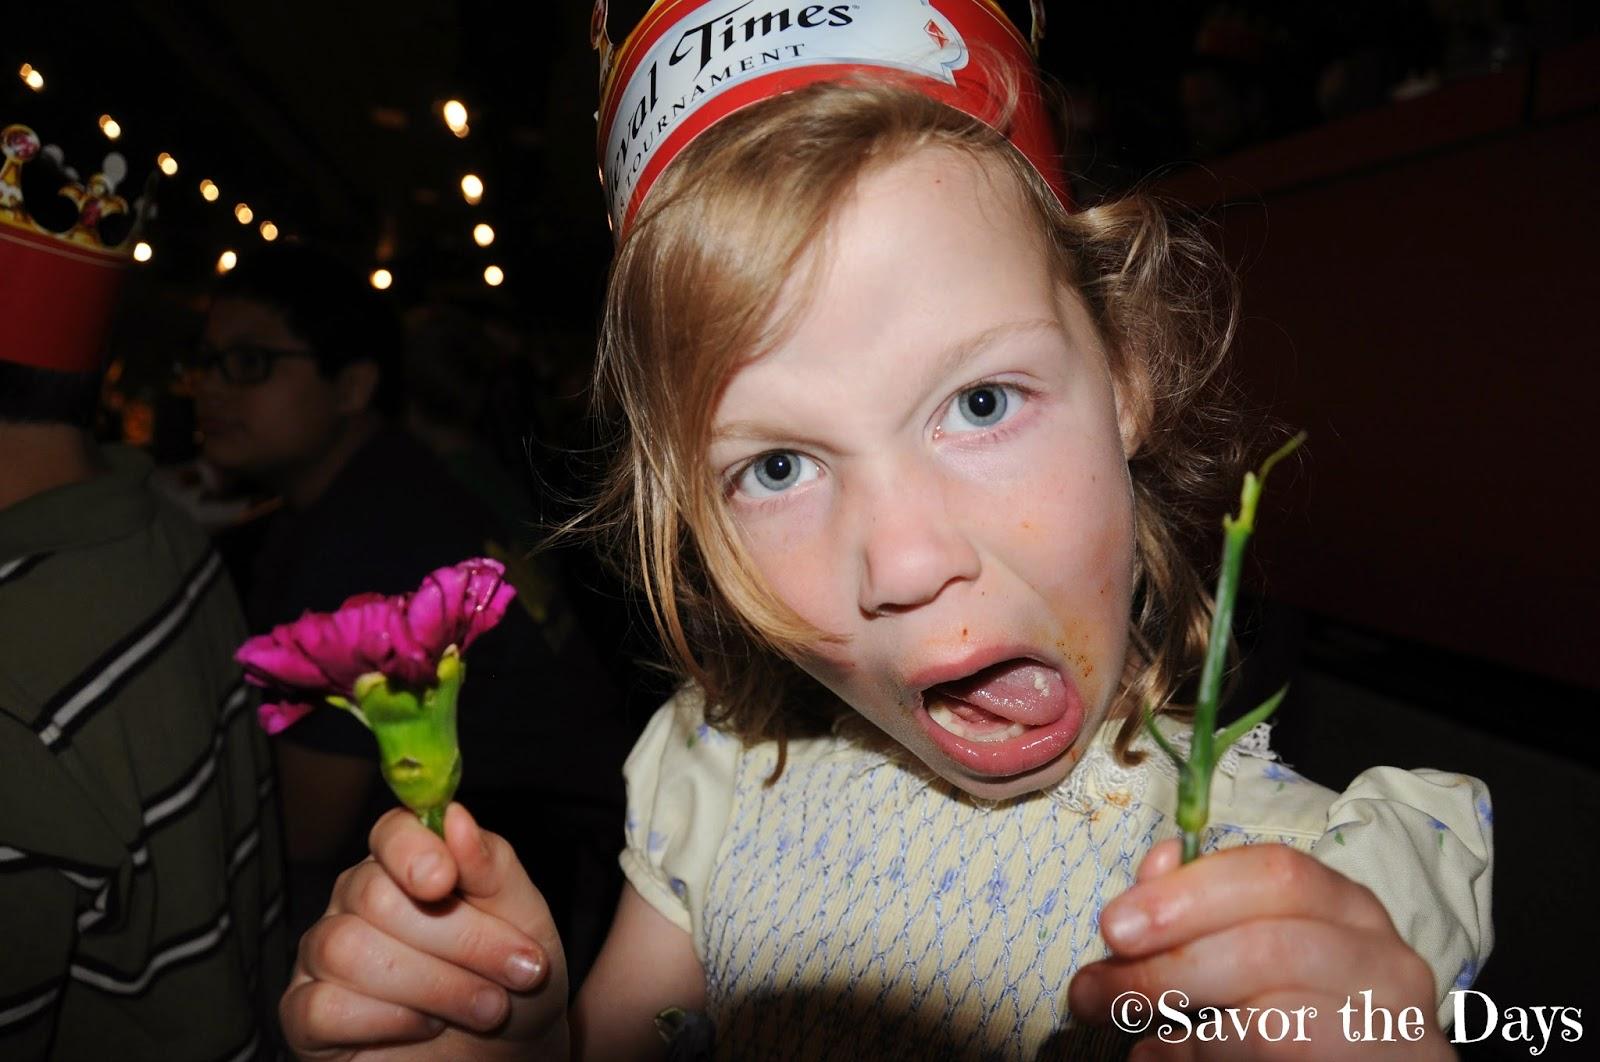 Girl upset over broken flower